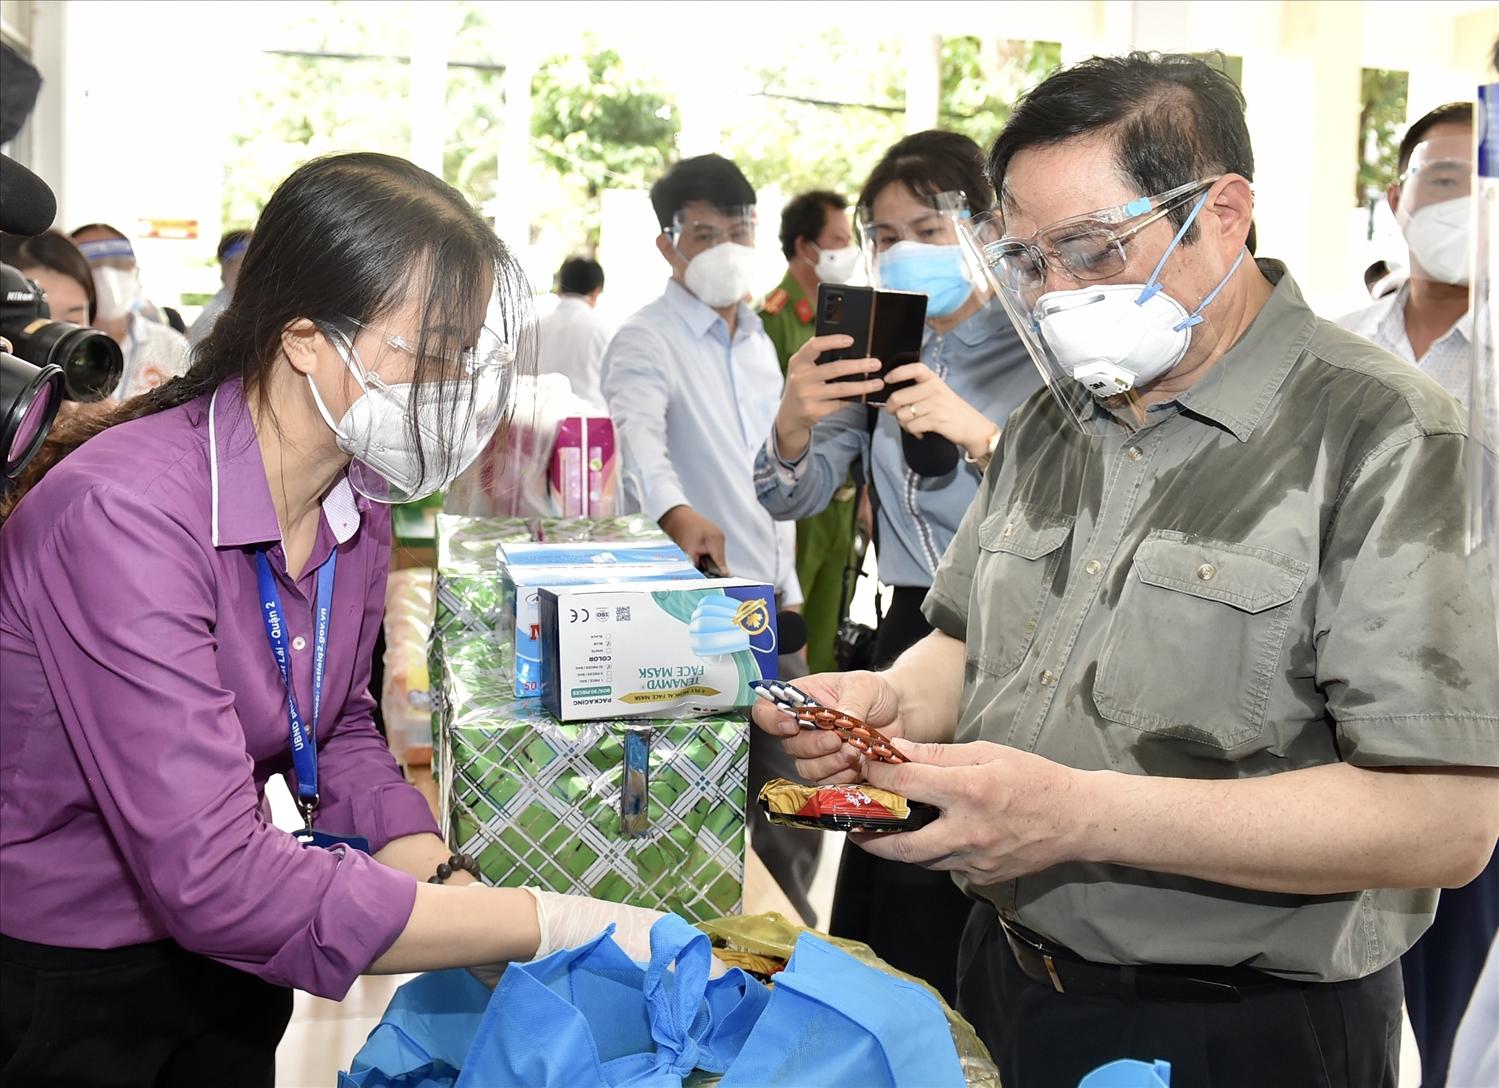 Thủ tướng xem các loại nhu yếu phẩm, thuốc men... trong túi an sinh sẽ được cung cấp cho người dân. Ảnh: VGP/Nhật Bắc